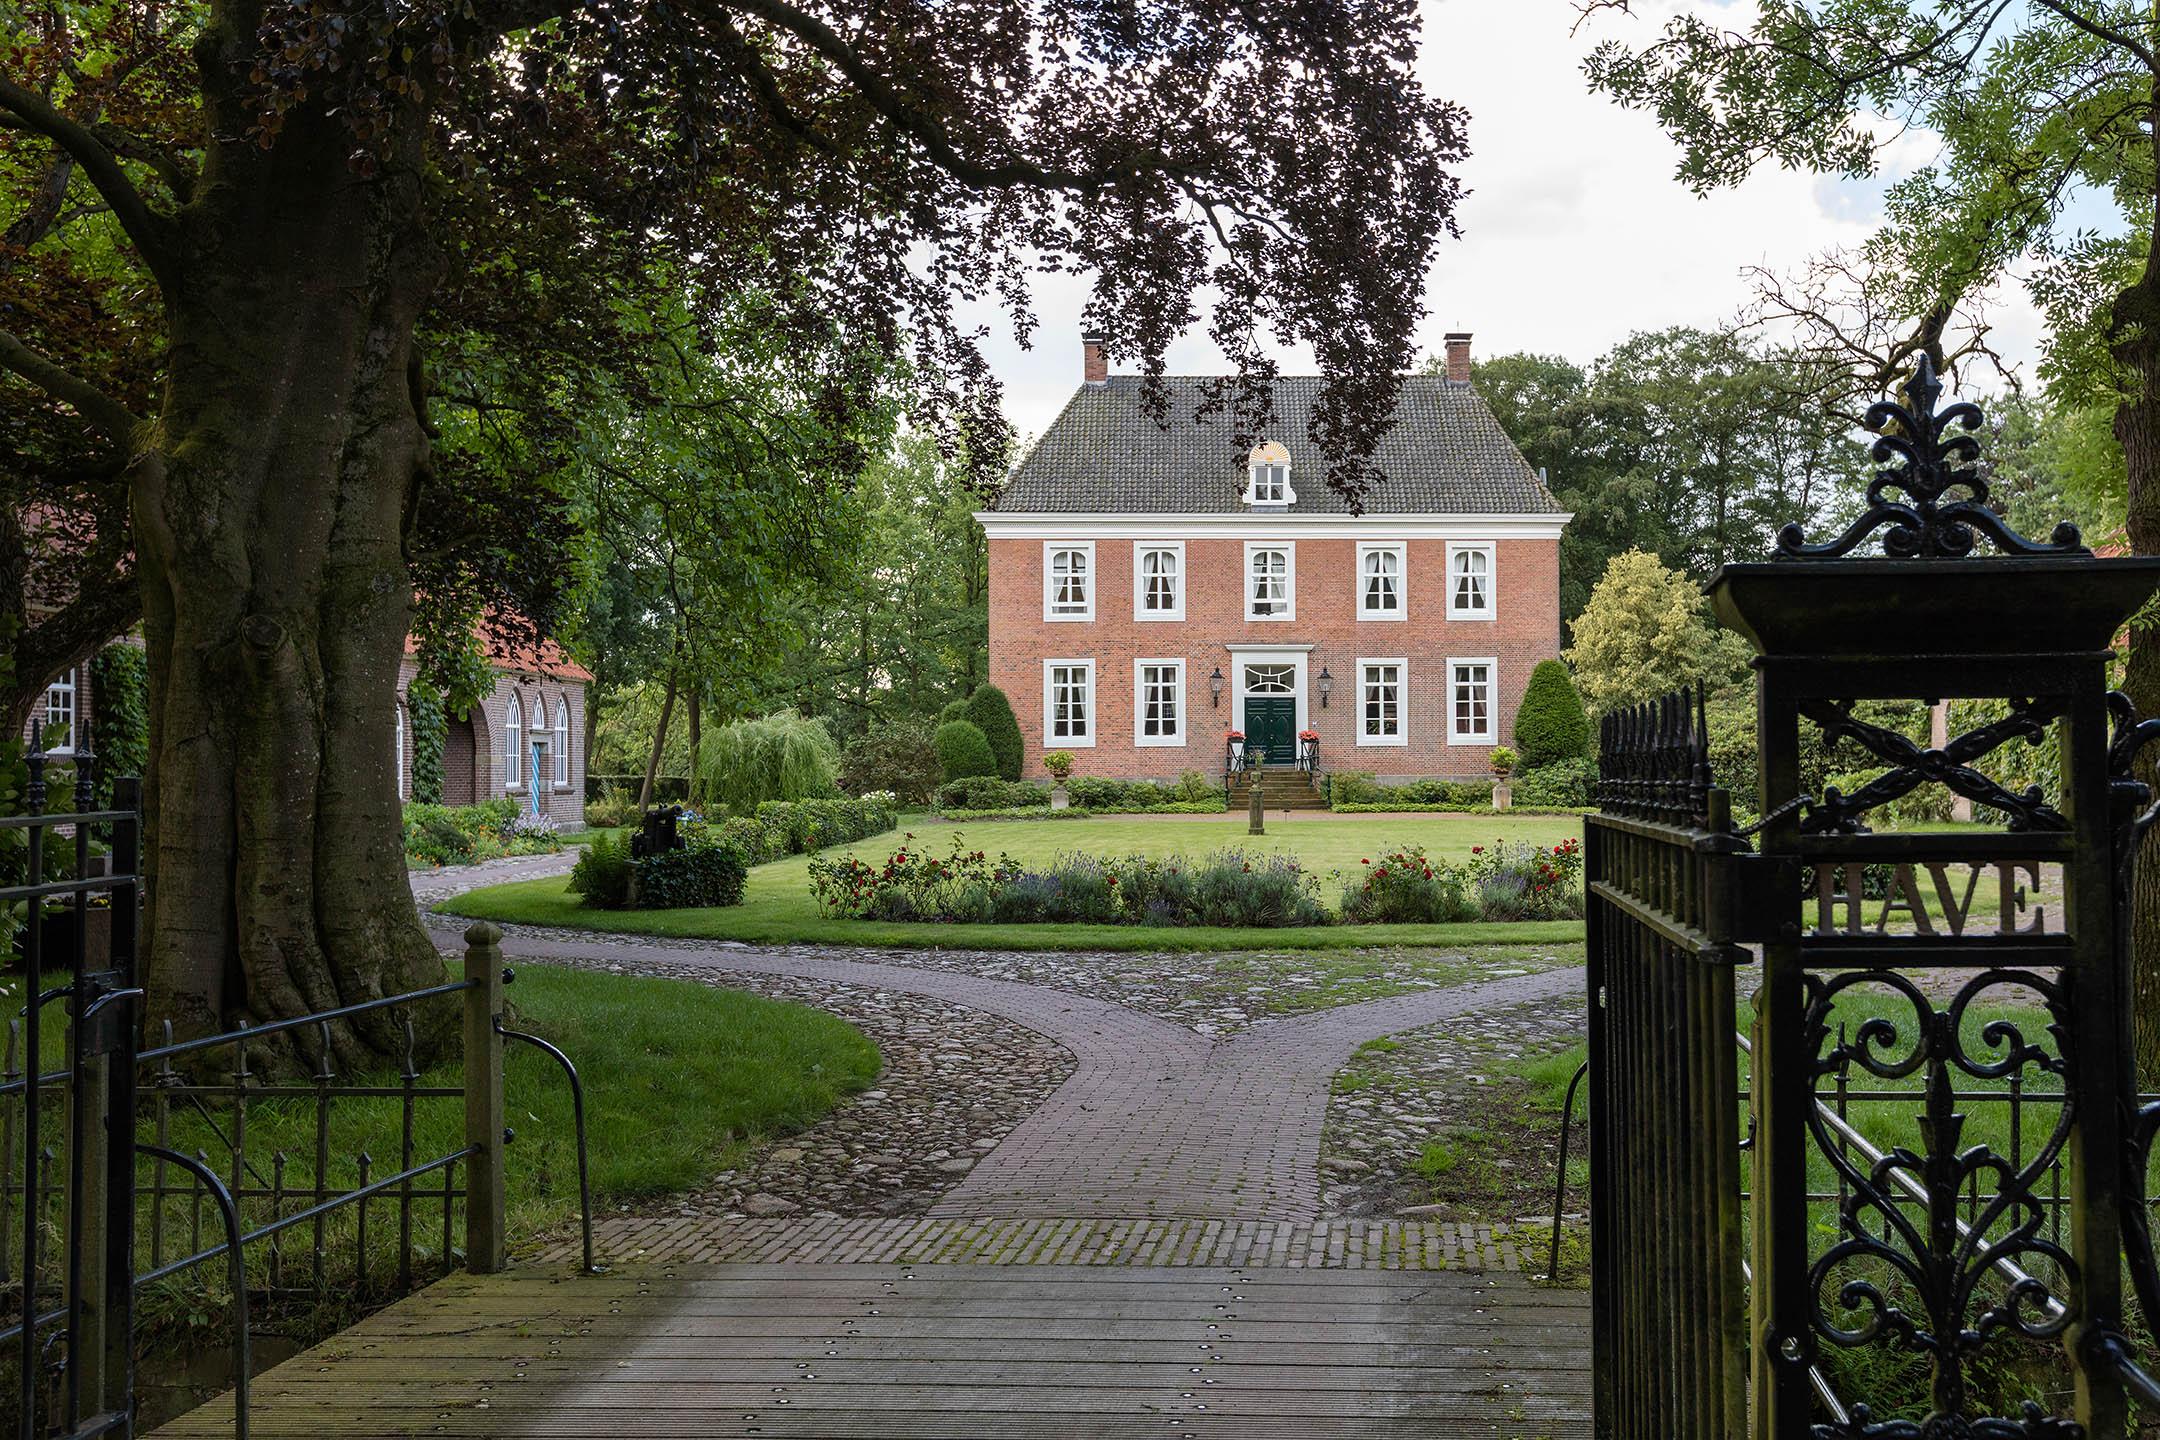 Afb. 1. De voorzijde van havezate Herinckhave, foto met dank aan Weusthuis Makelaardij.